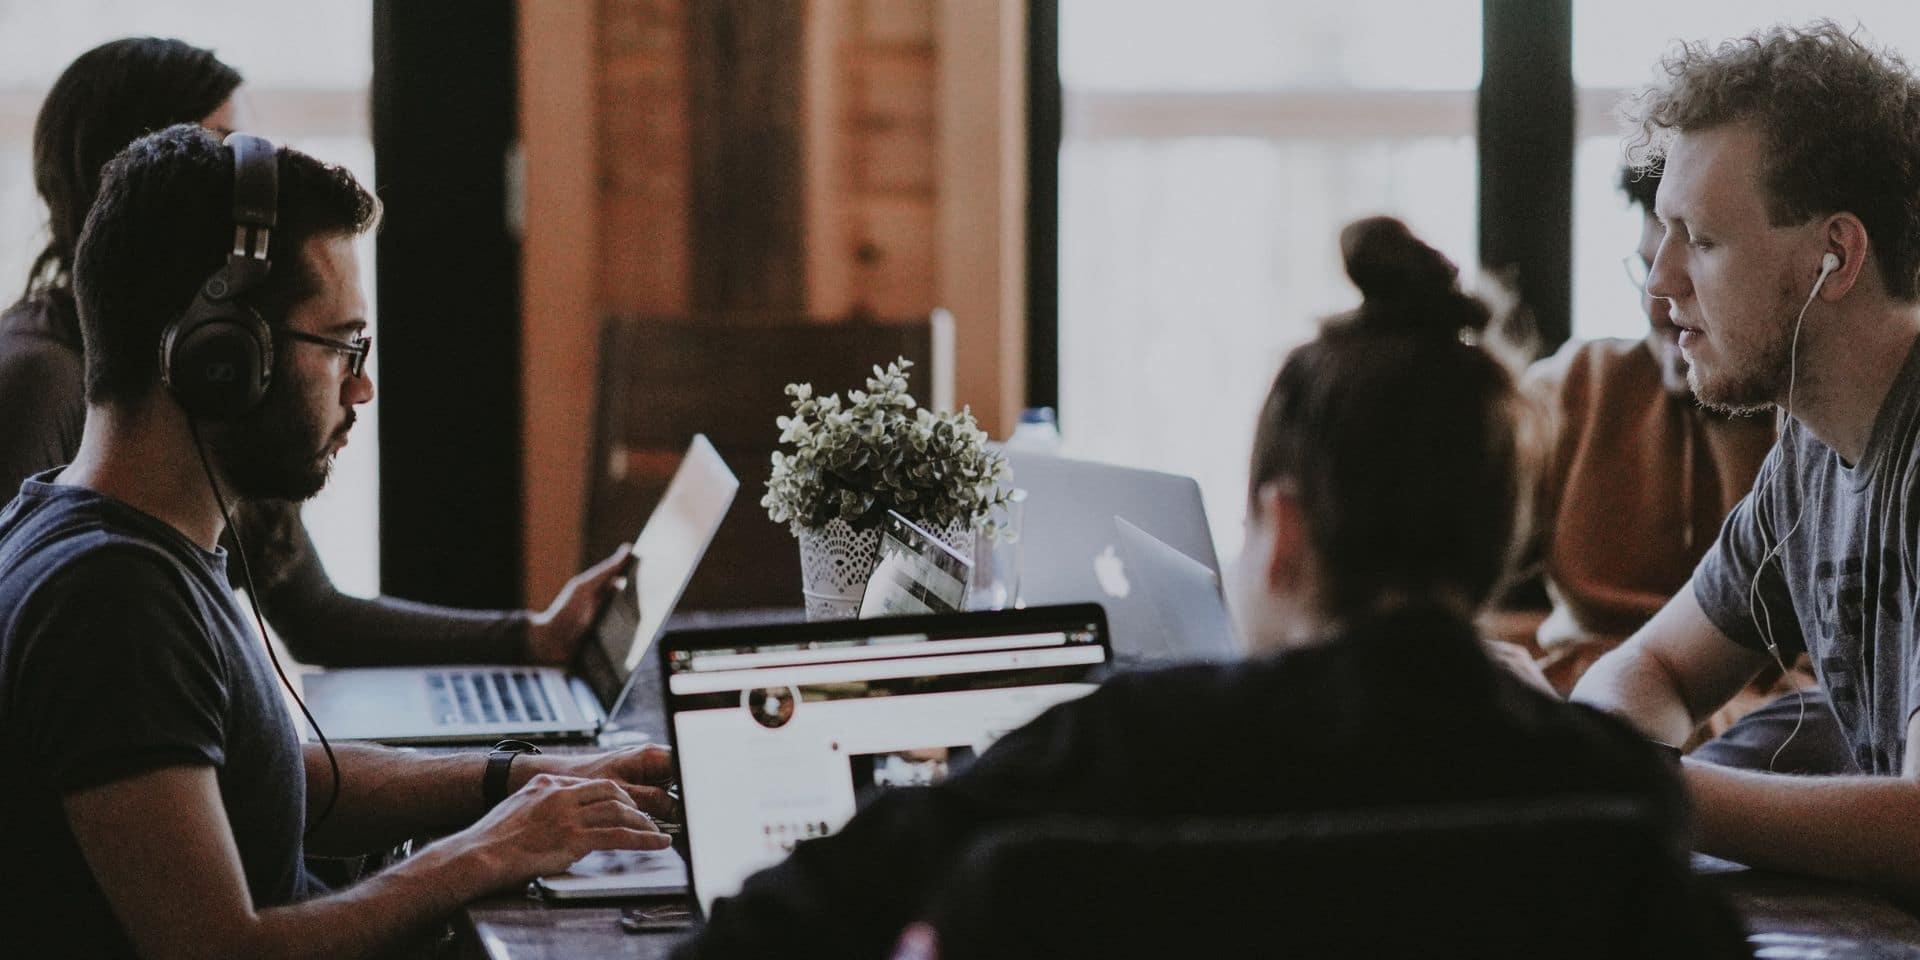 Ecouter de la musique en travaillant est-ce que cela aide vraiment à se concentrer ?